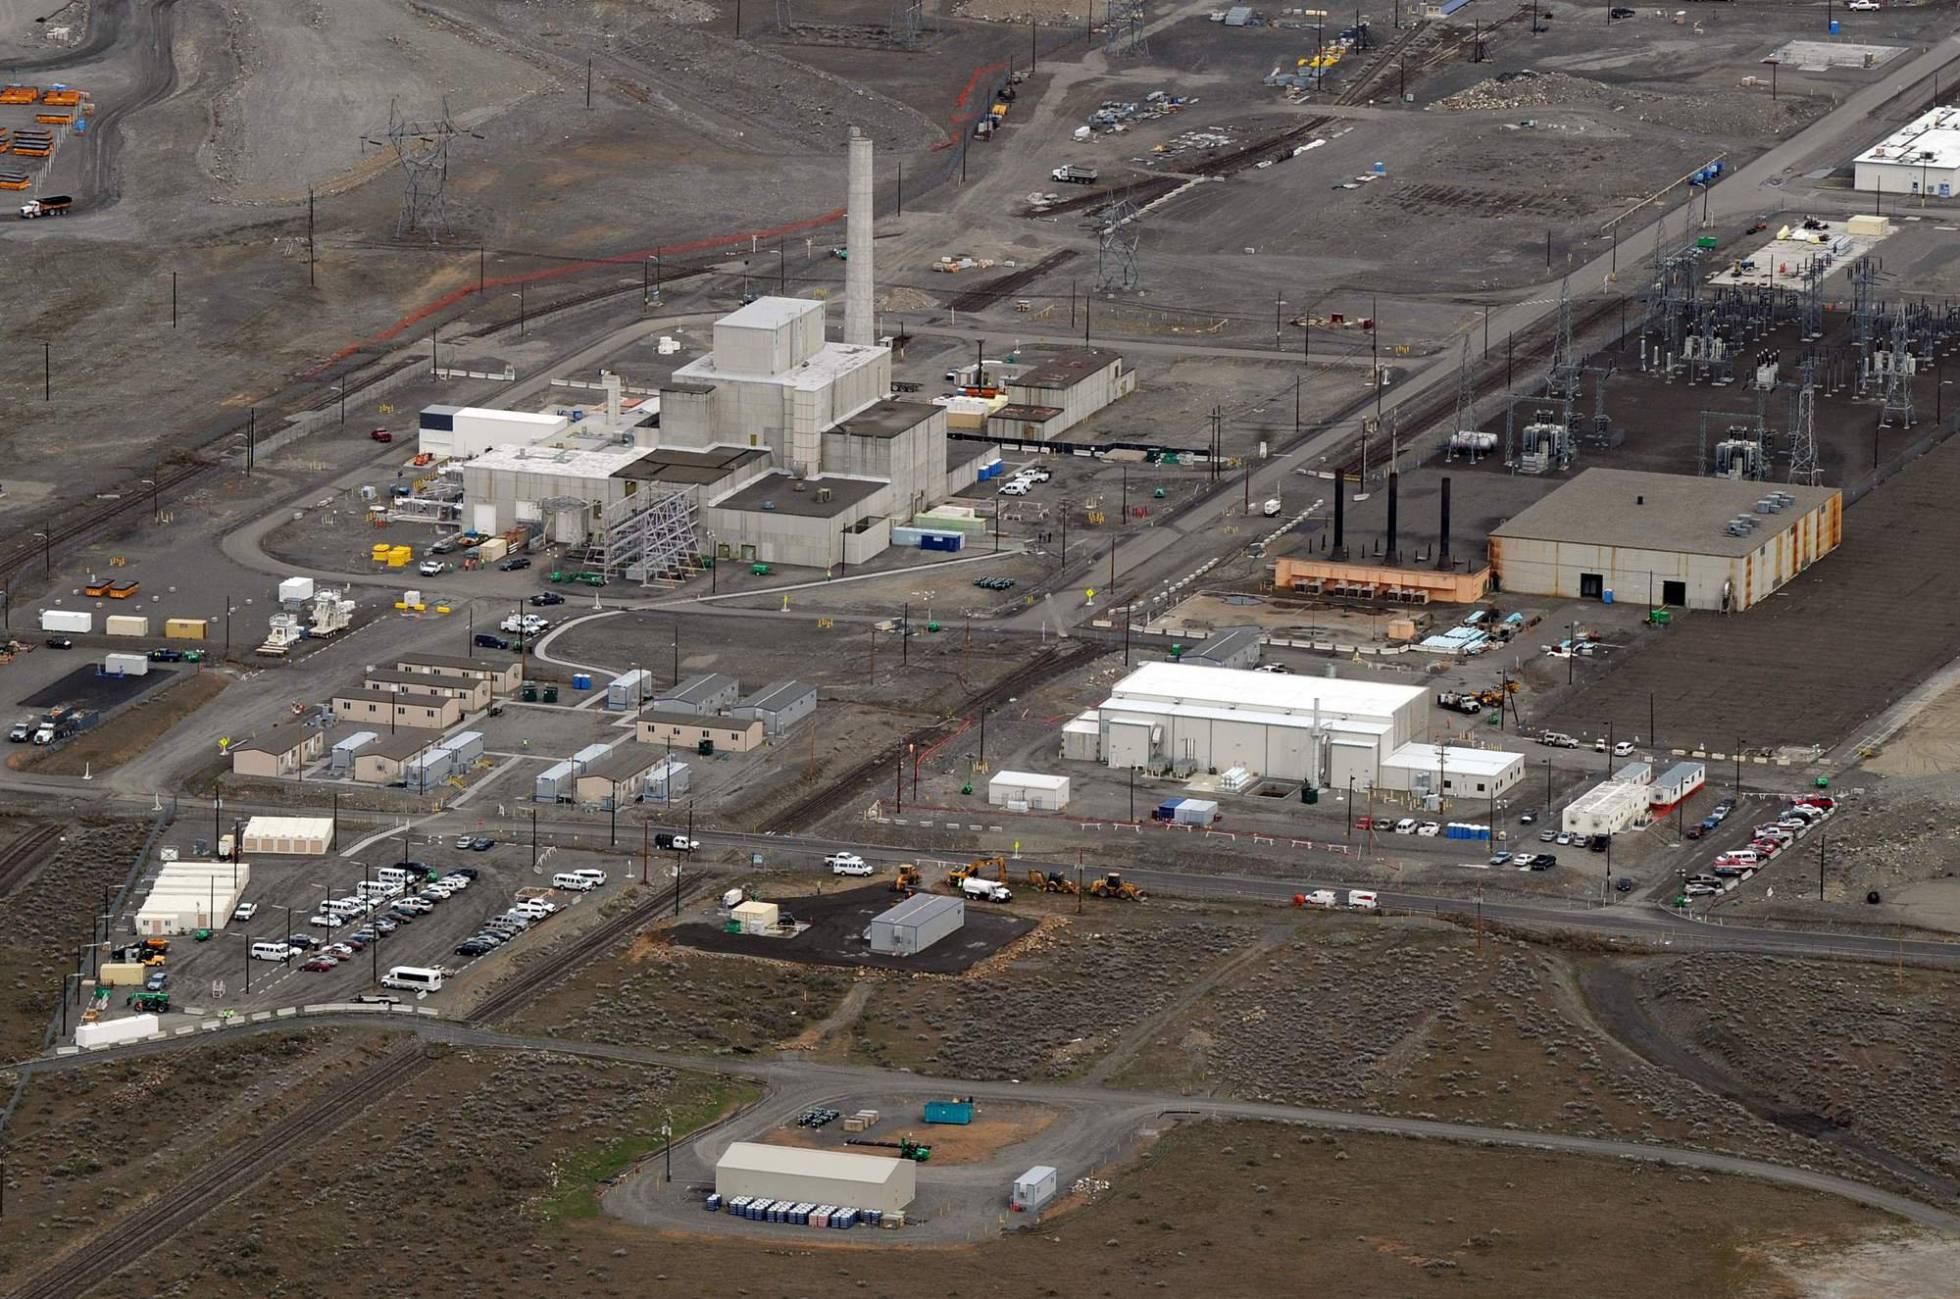 Nuclear, tarifar, contaminar... - Página 4 1494351471_937363_1494351824_noticia_normal_recorte1